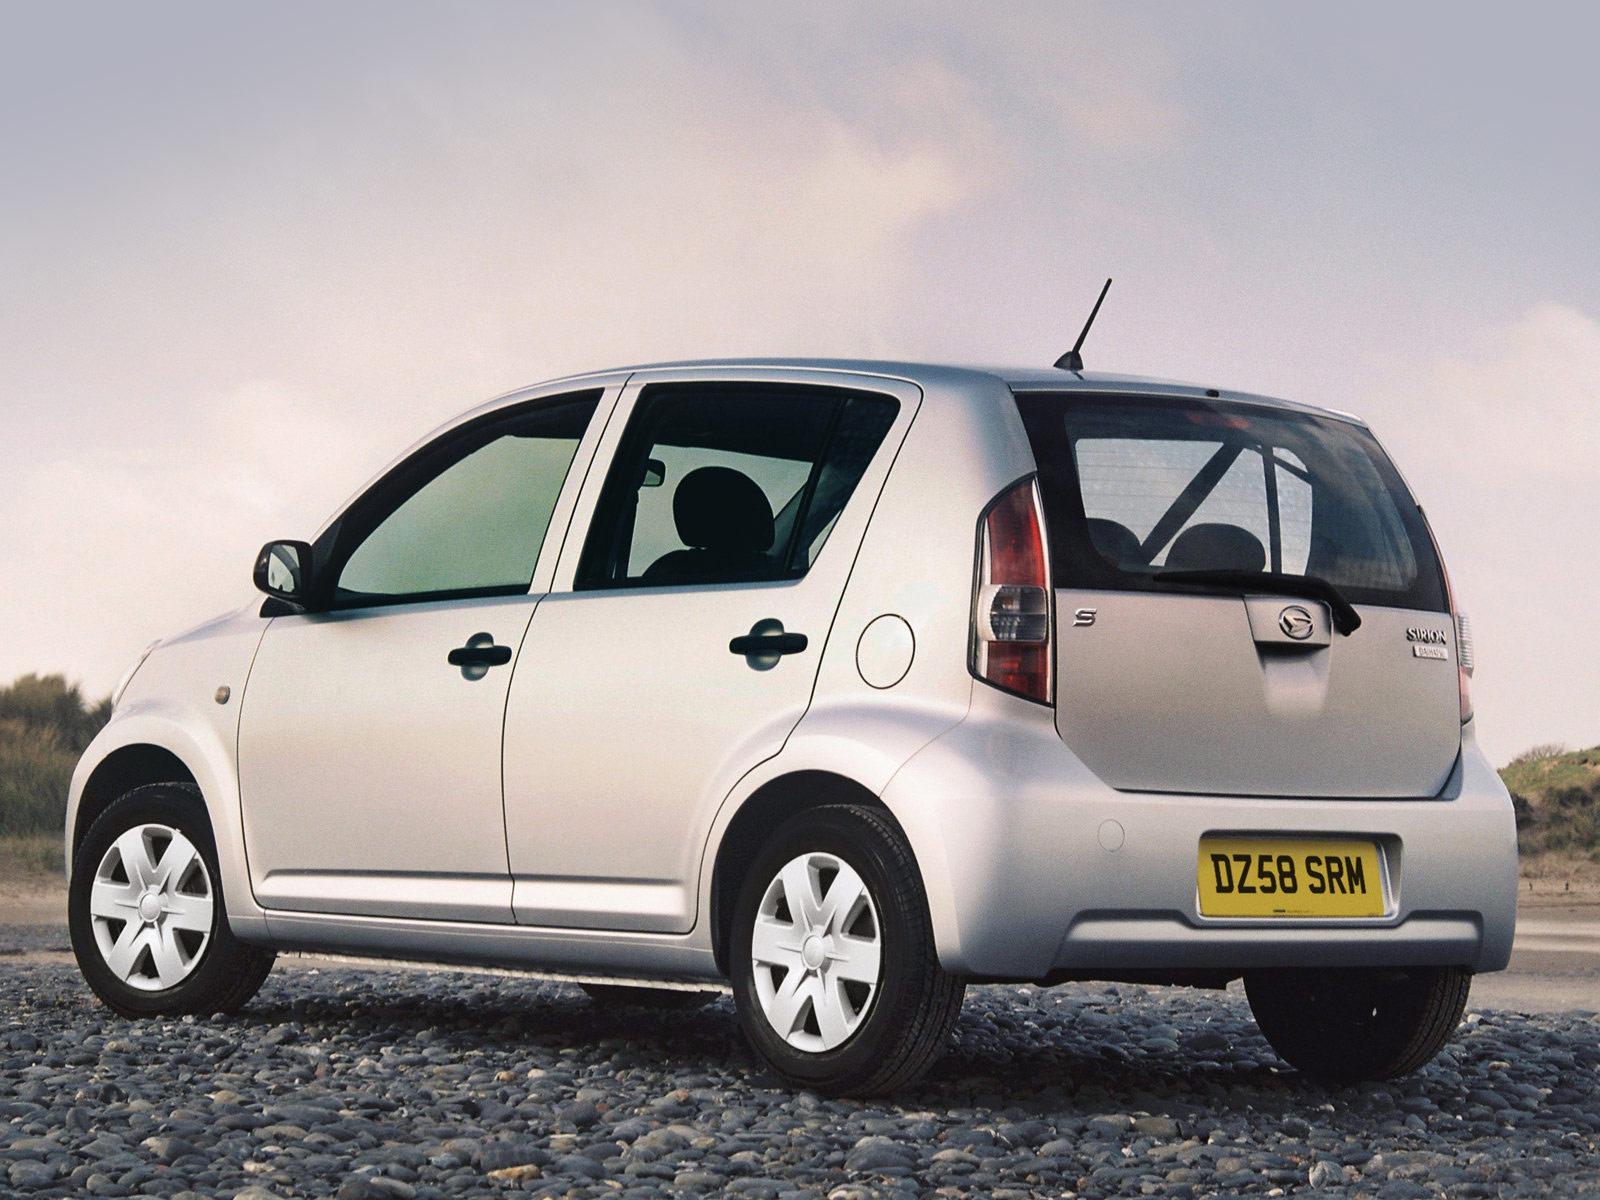 2007 Daihatsu Sirion Japan Automobiles